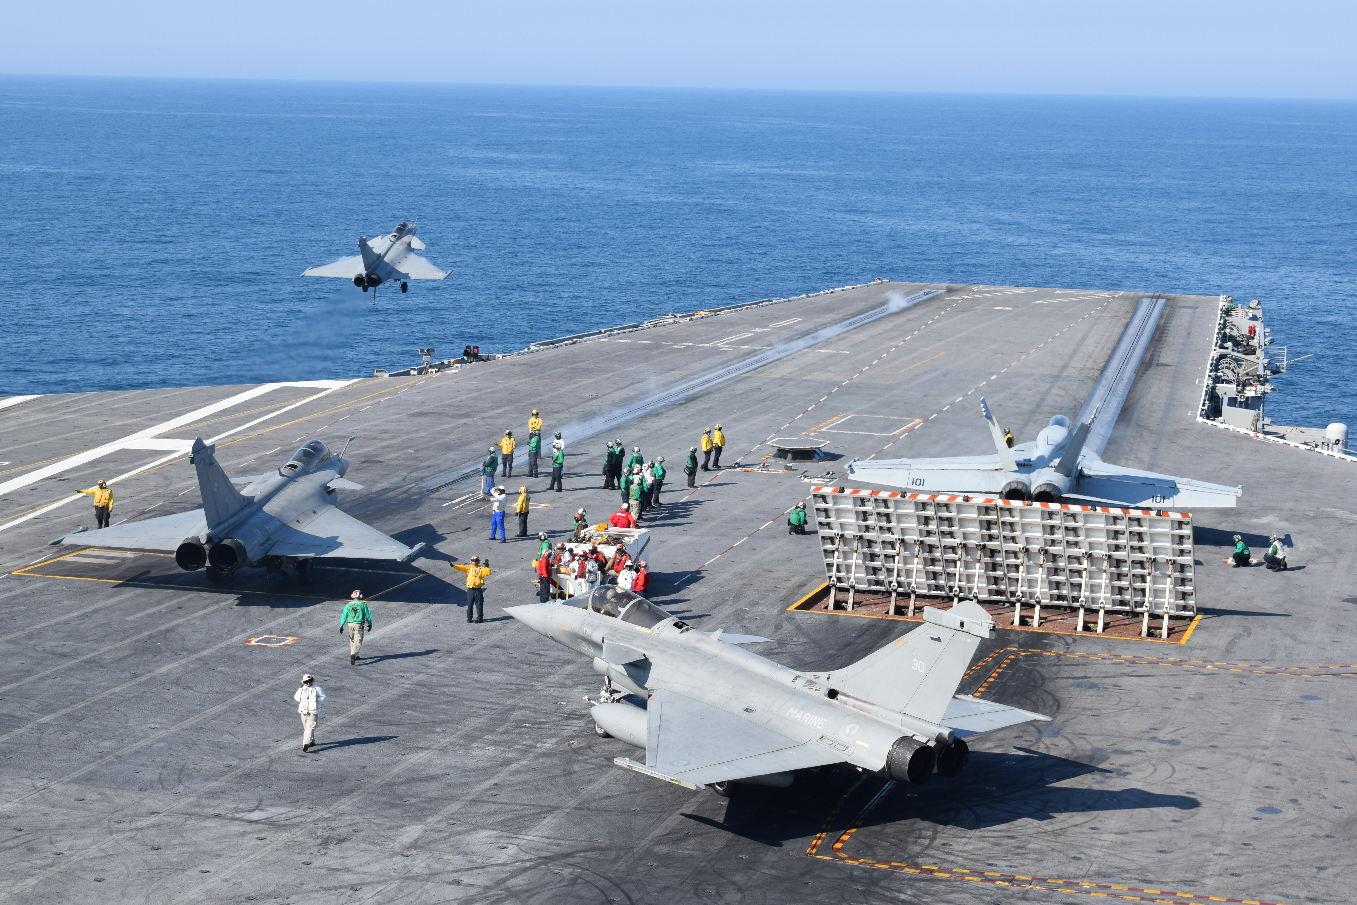 L'aéronavale française à bord de l'USS Bush